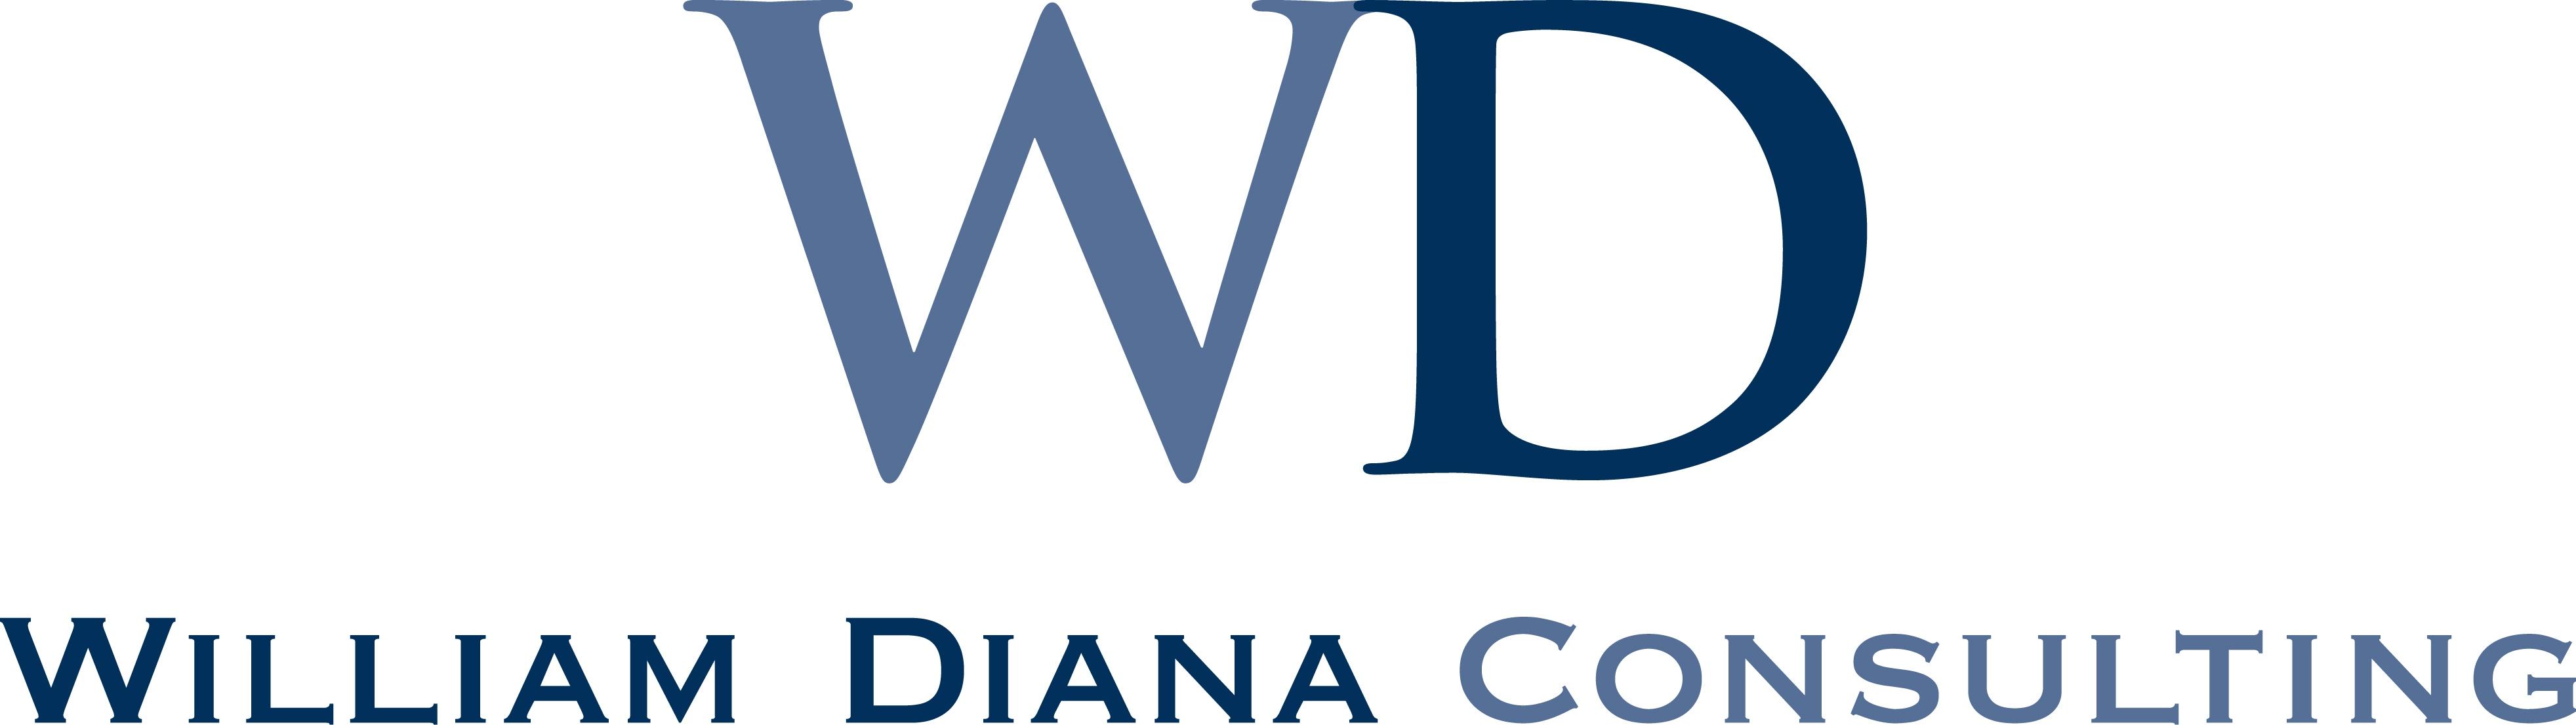 William Diana Consulting